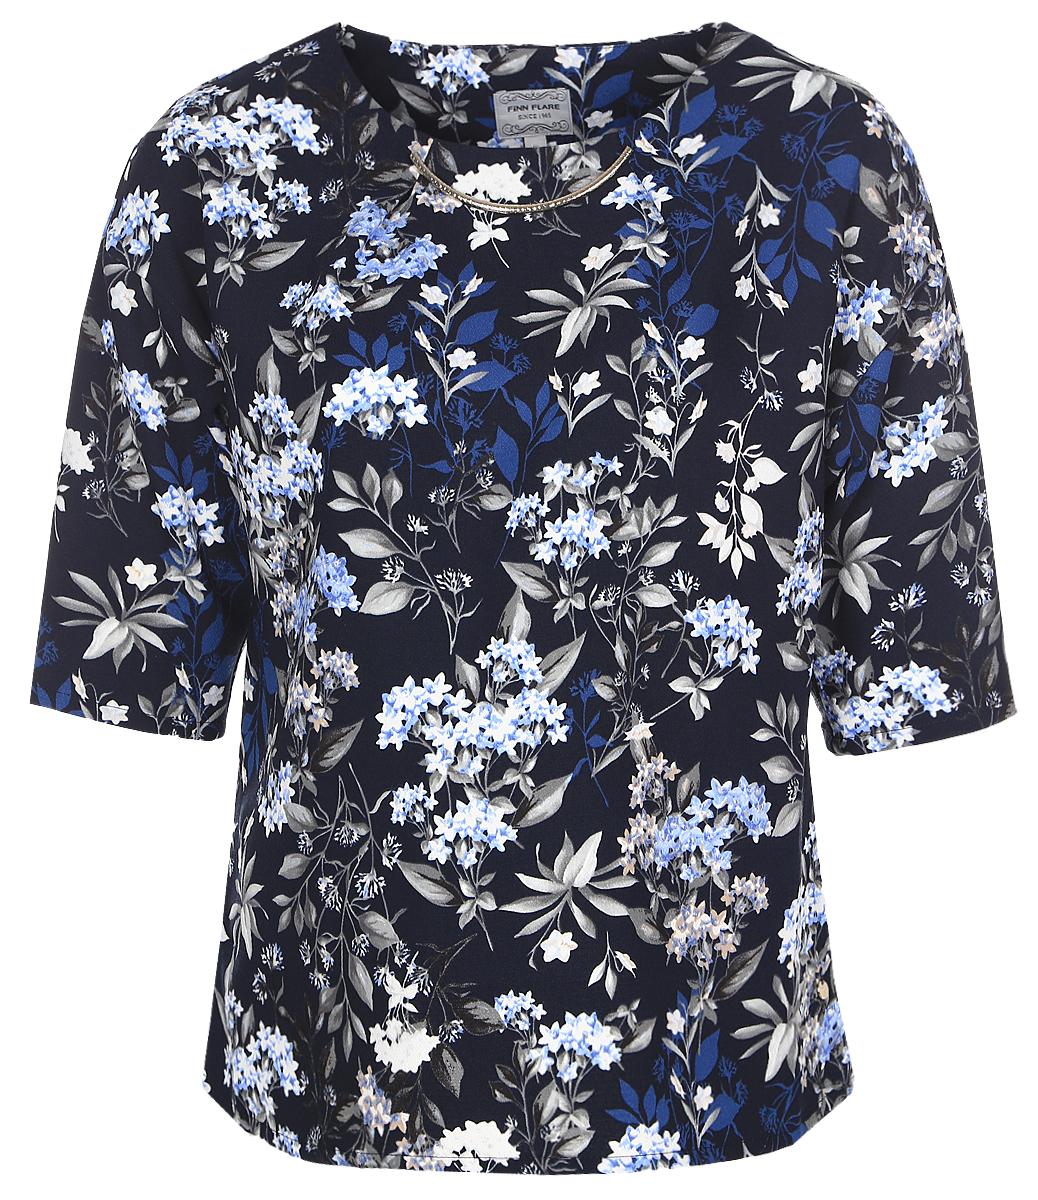 Блузка женская Finn Flare, цвет: темно-синий. B17-11075_101. Размер XL (50)B17-11075_101Женская блуза Finn Flare с рукавами до локтя и круглым вырезом горловины выполнена из 100% полиэстера. Блузка имеет свободный крой. Модель оформлена крупным металлическим декоративным элементом под горловиной и украшена оригинальным цветочным принтом.